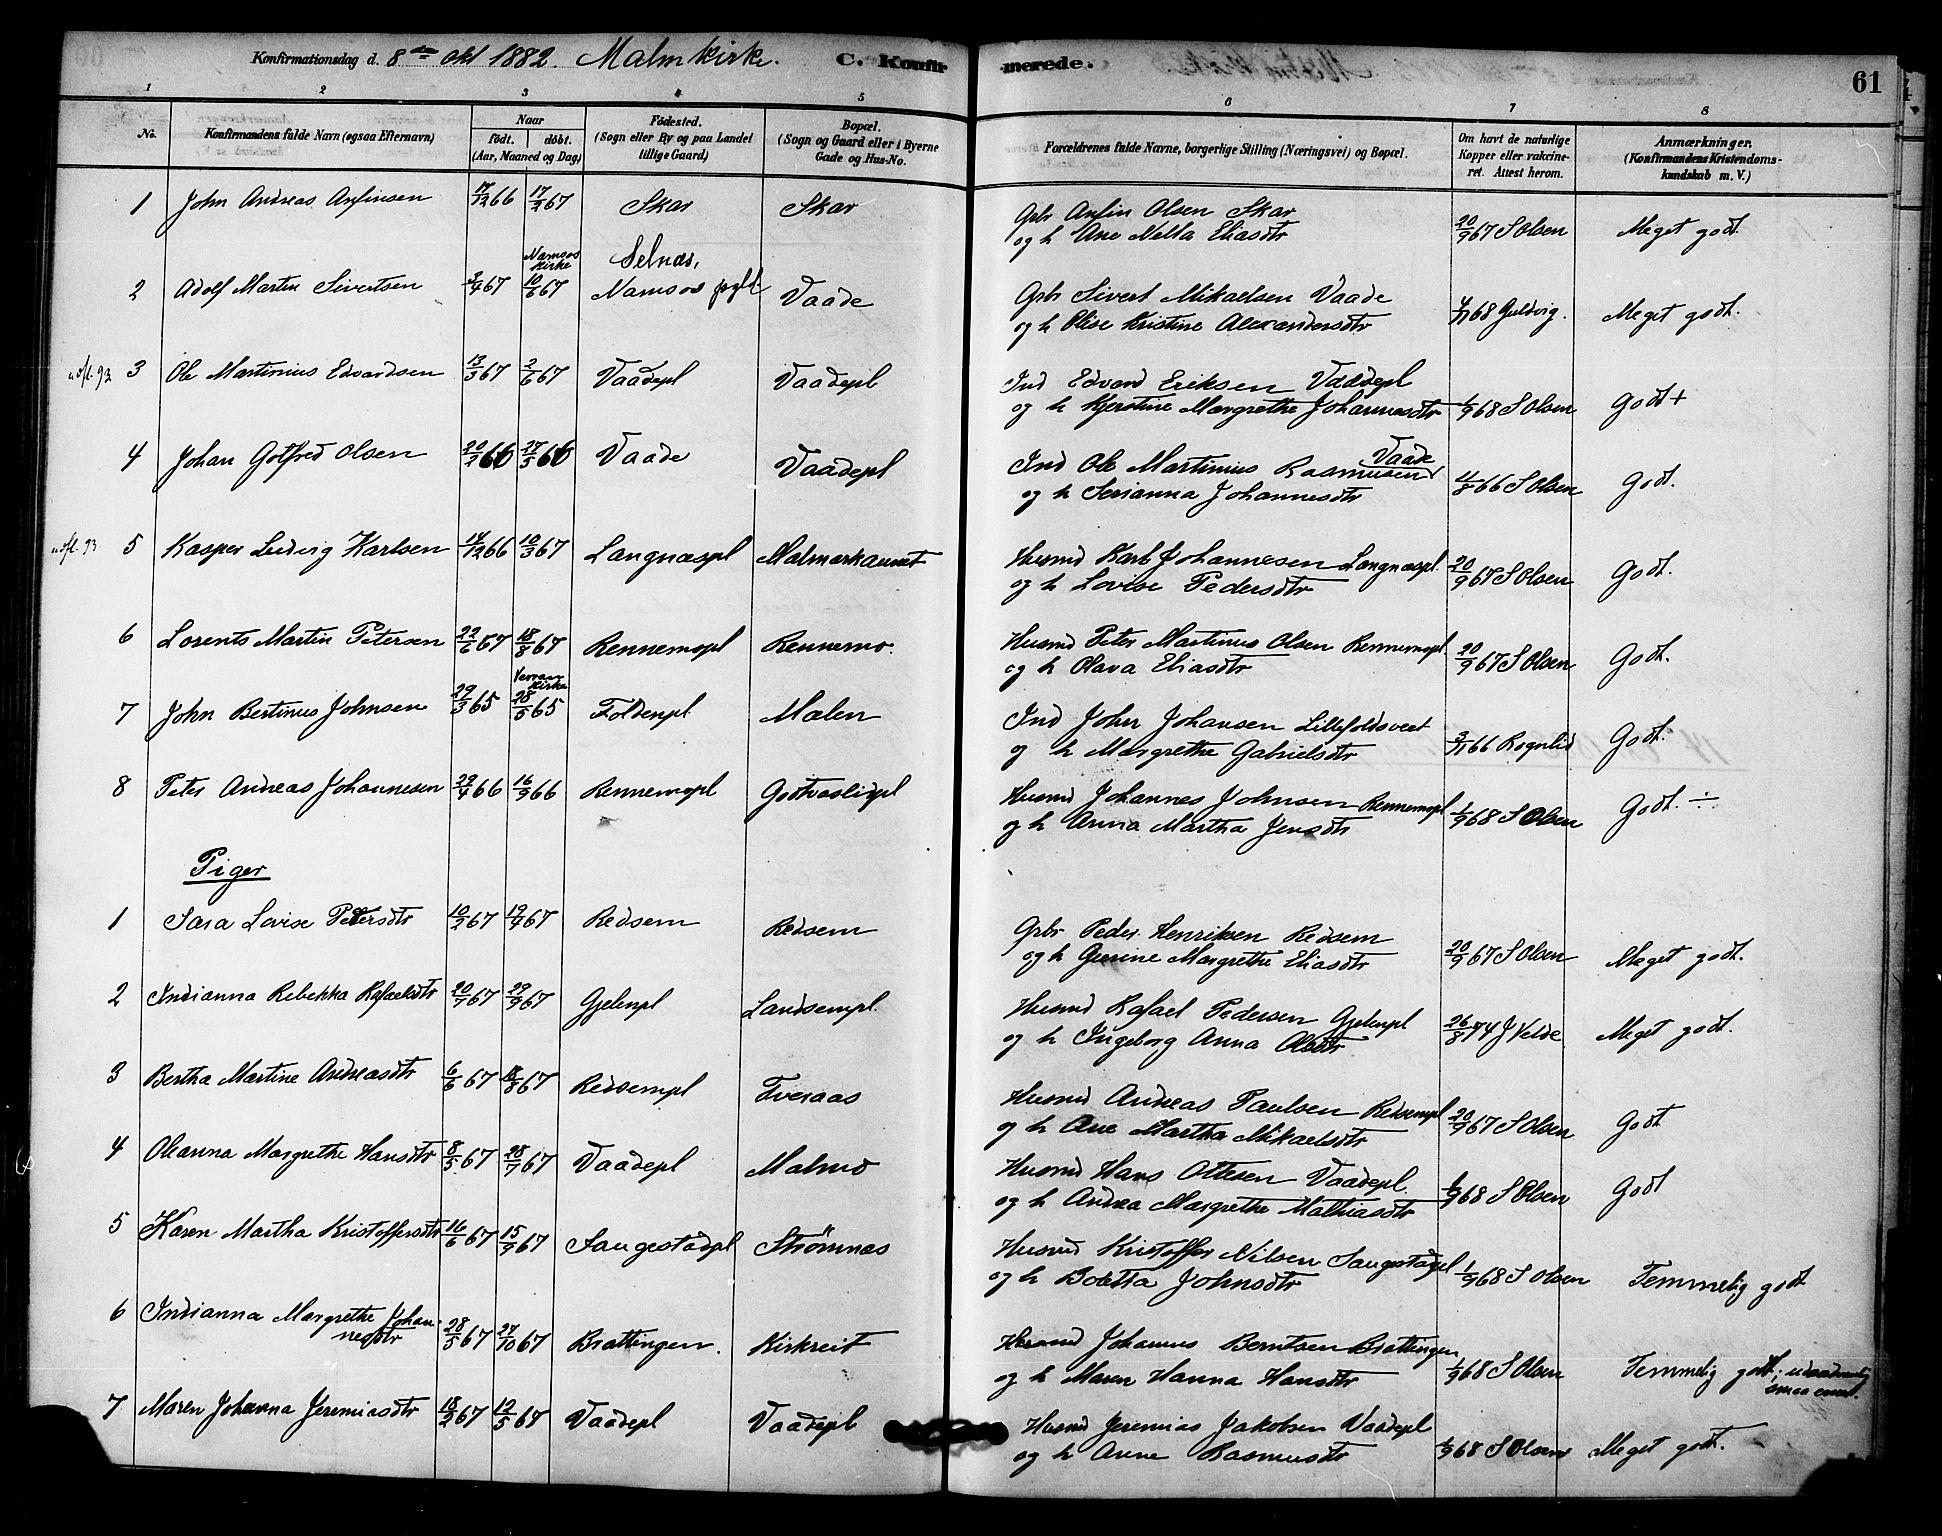 SAT, Ministerialprotokoller, klokkerbøker og fødselsregistre - Nord-Trøndelag, 745/L0429: Ministerialbok nr. 745A01, 1878-1894, s. 61